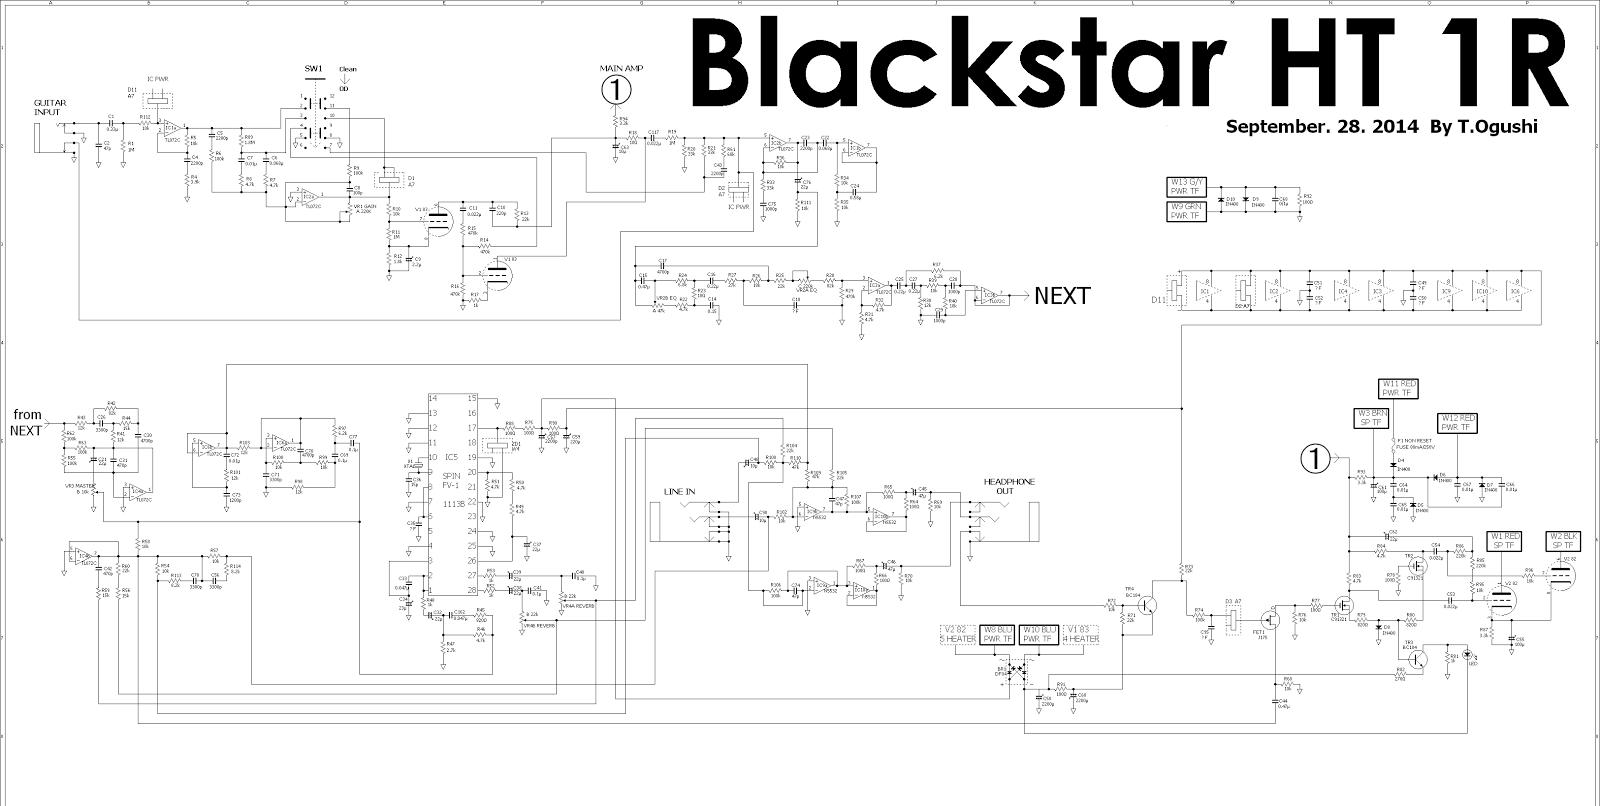 Hardrocker Blackstar Ht 1r Schematic Not Official